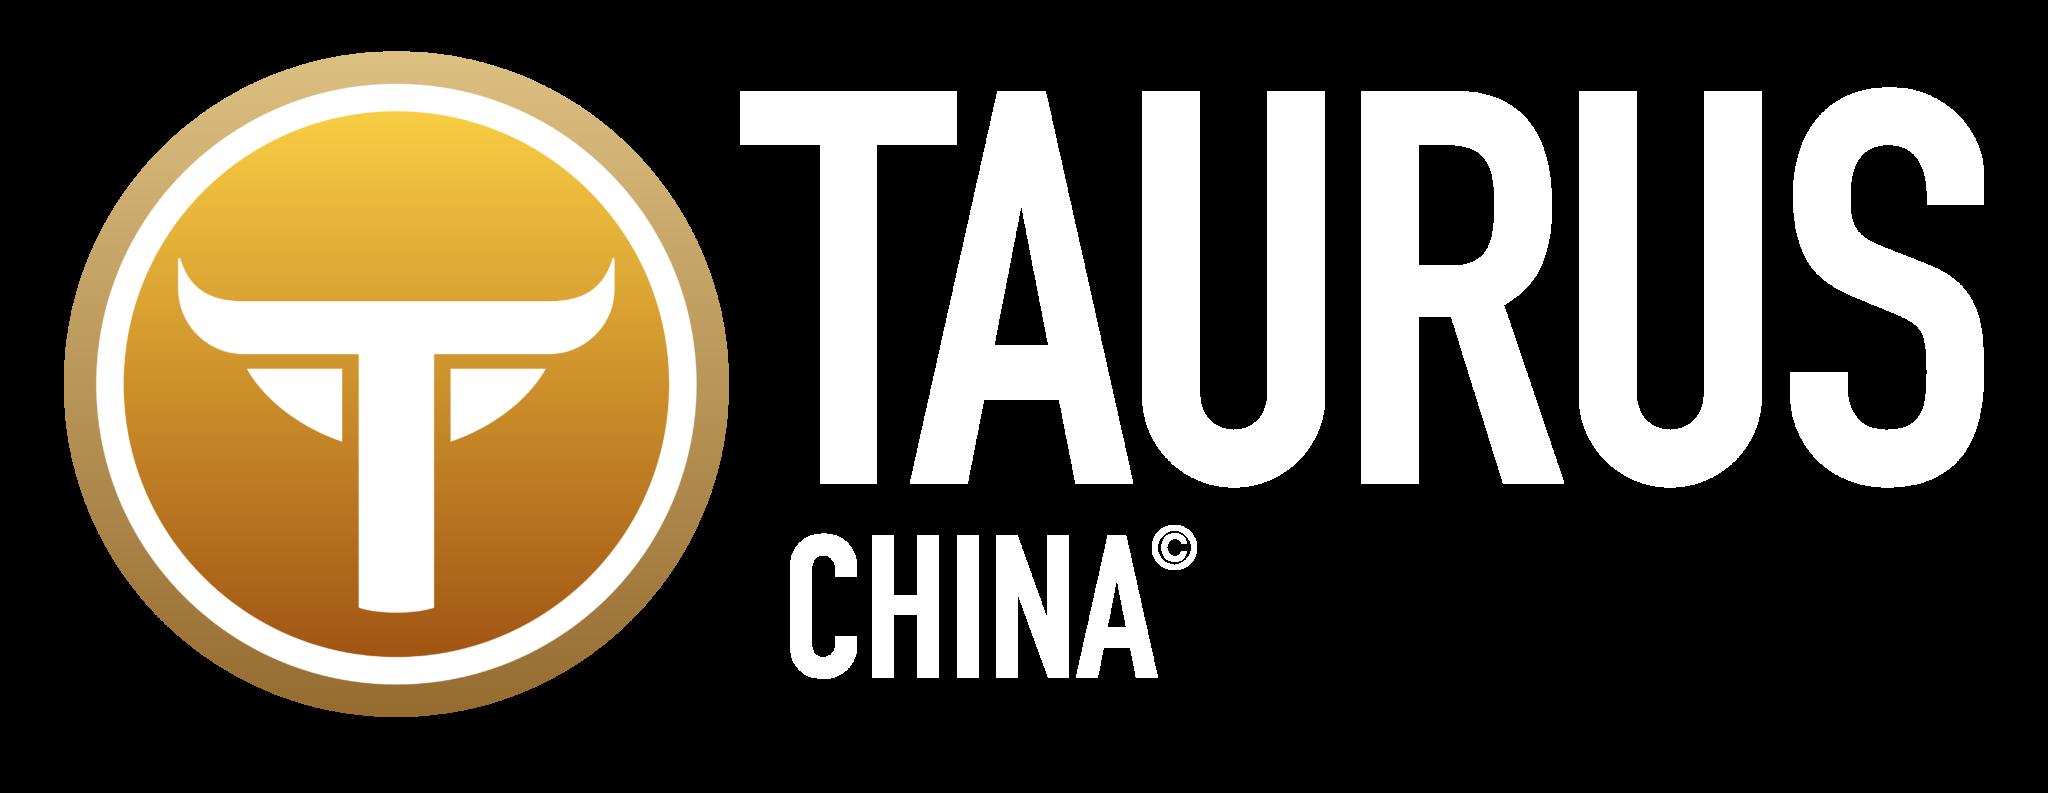 Taurus Branding Suite Master doc 60 1